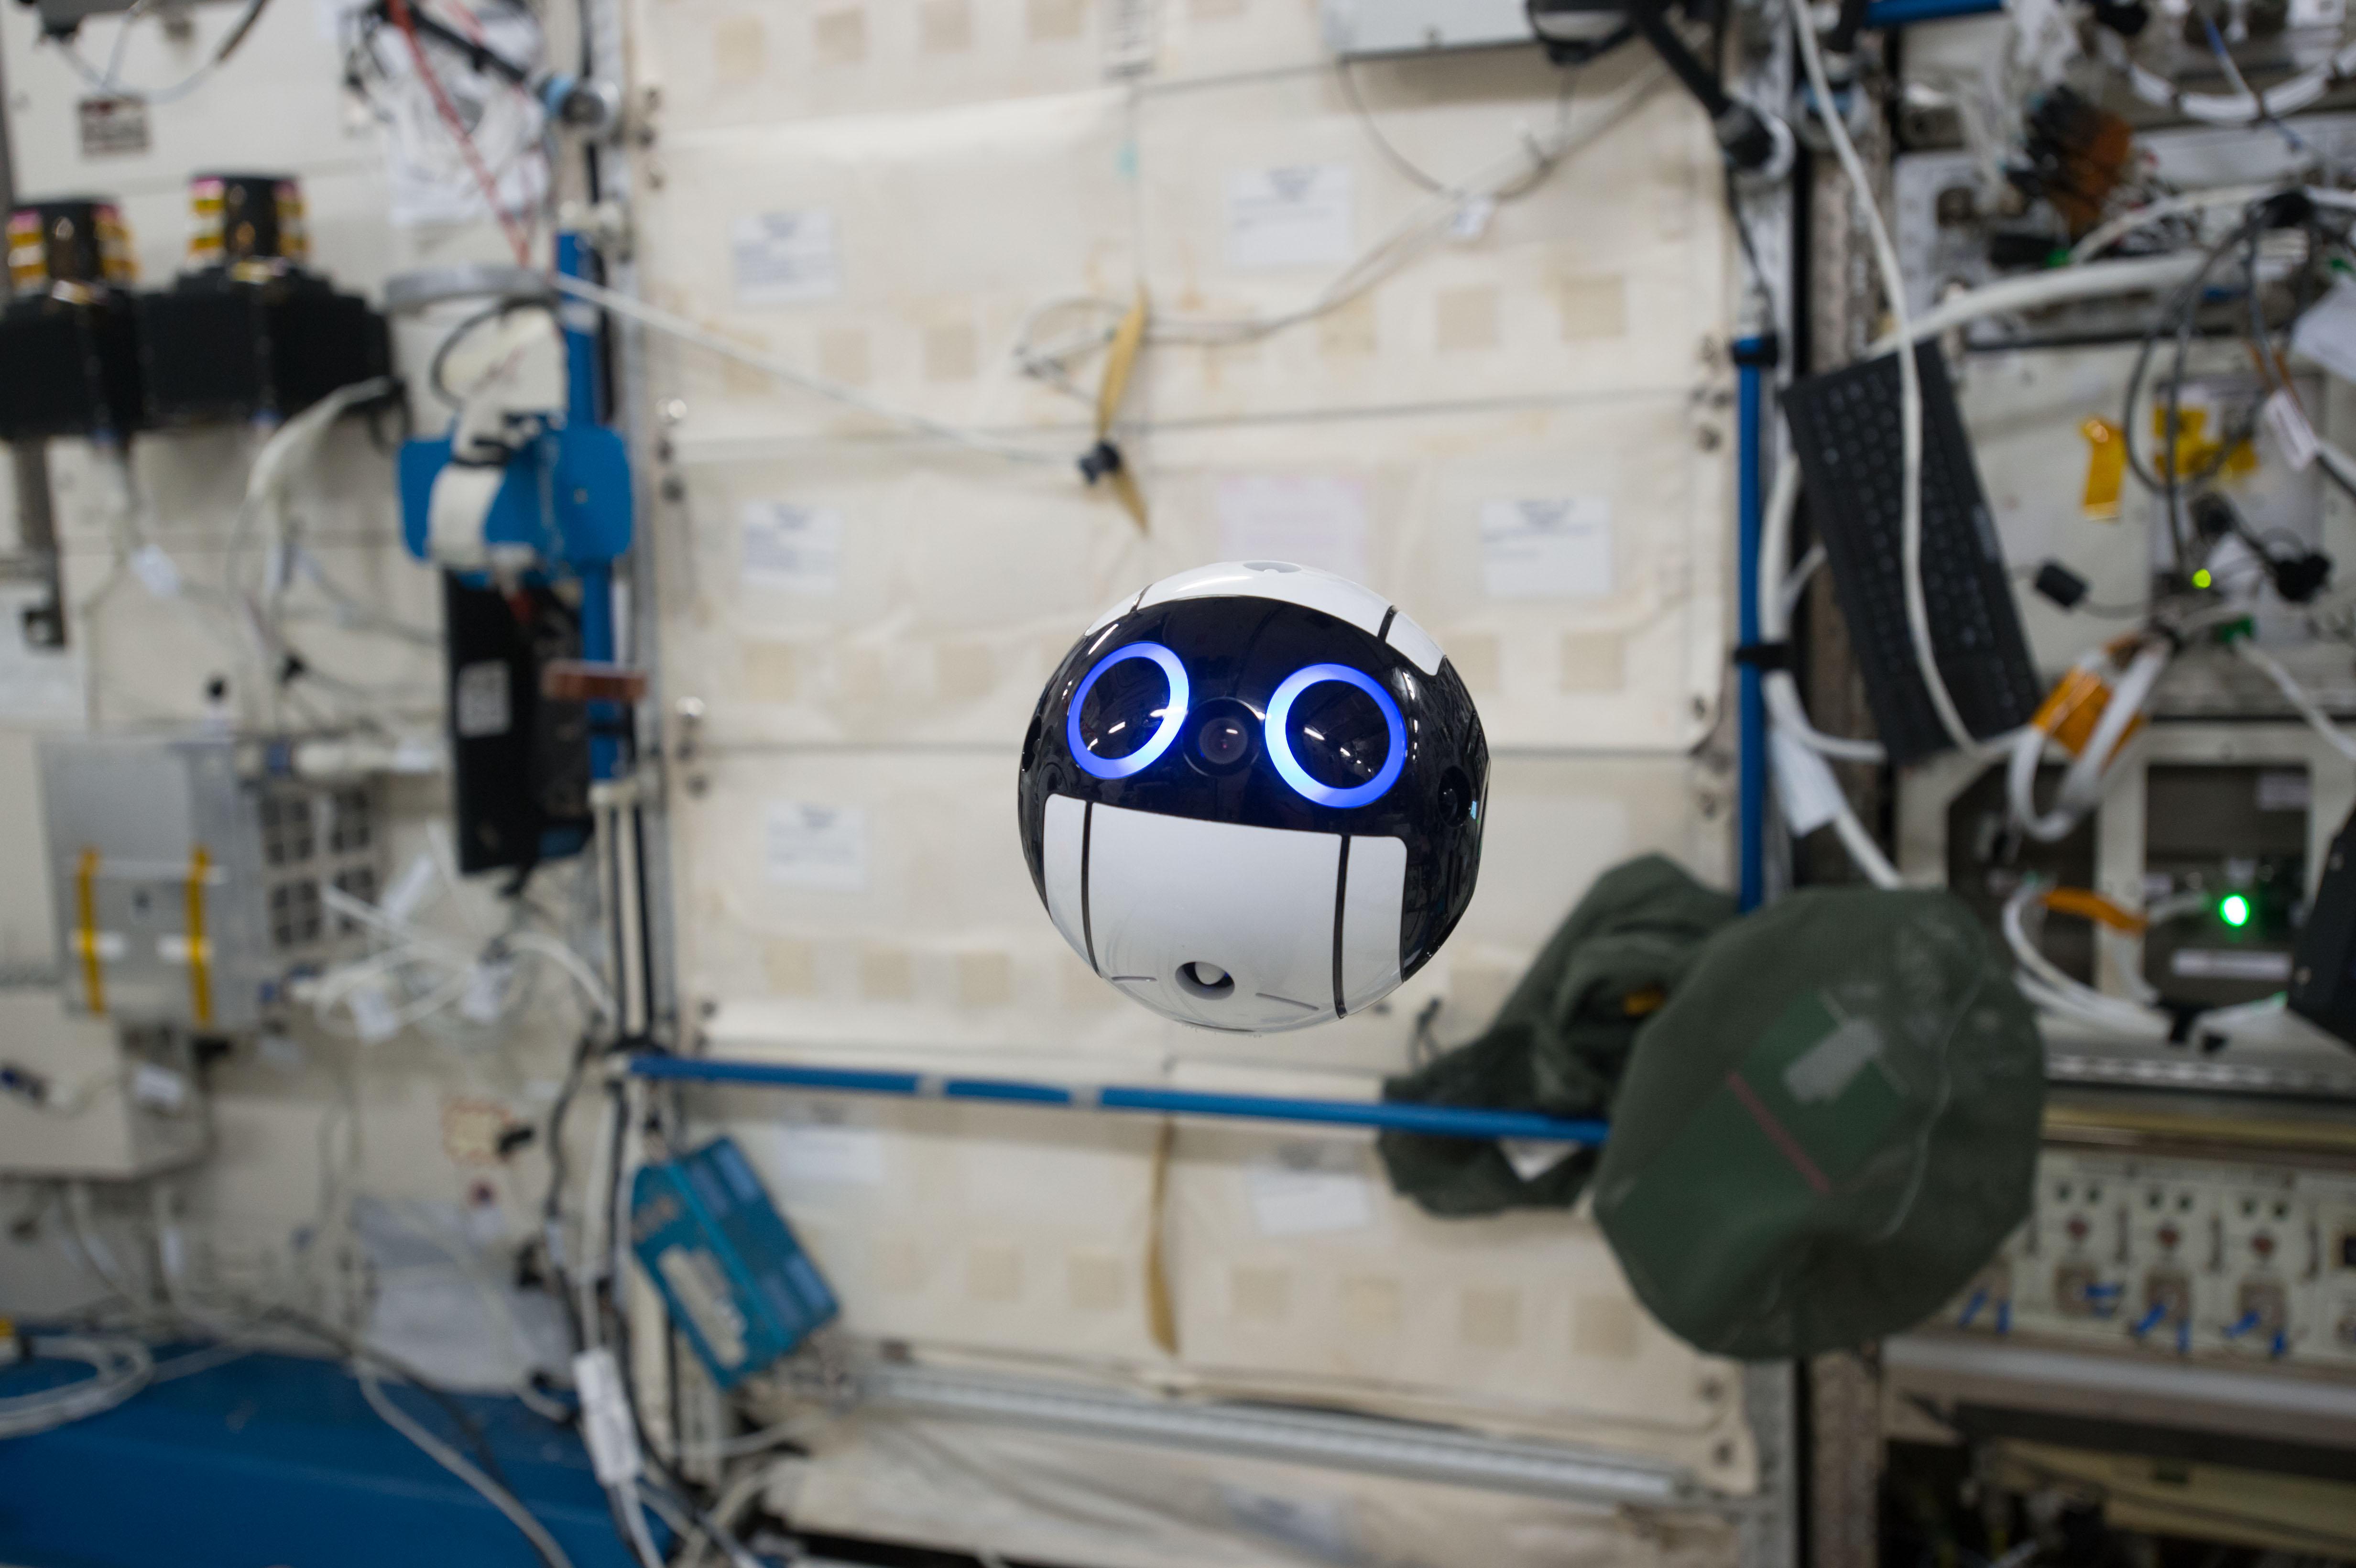 Meet Int-Ball, Japan's time-saving space camera.